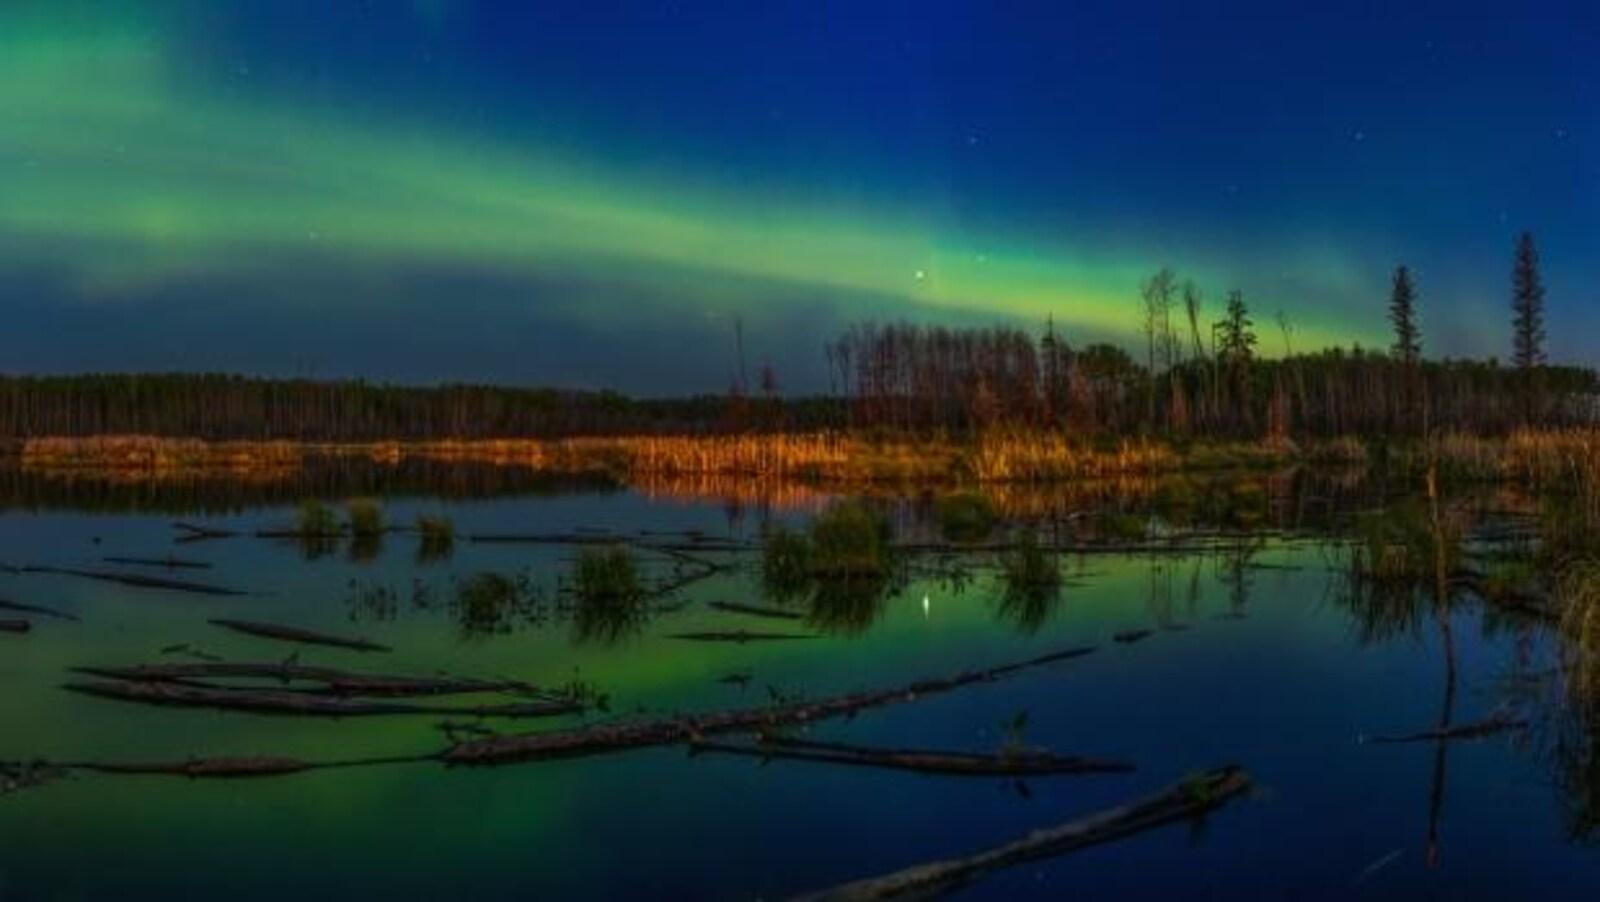 Aurores boréales vertes au-dessus d'un lac et d'une forêt. Reflet de l'aurore dans le lac.